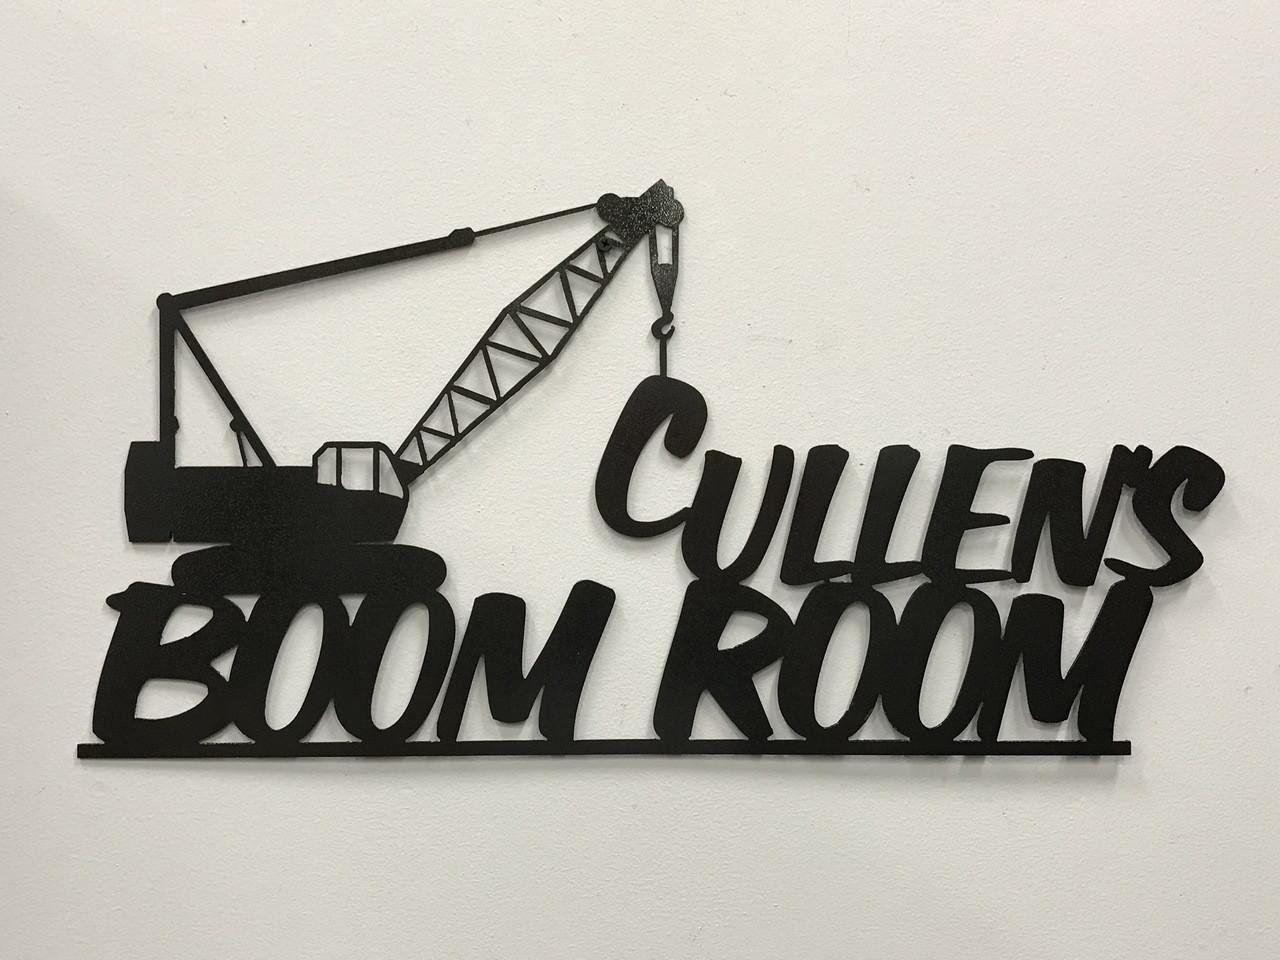 Cullen's Boom Room